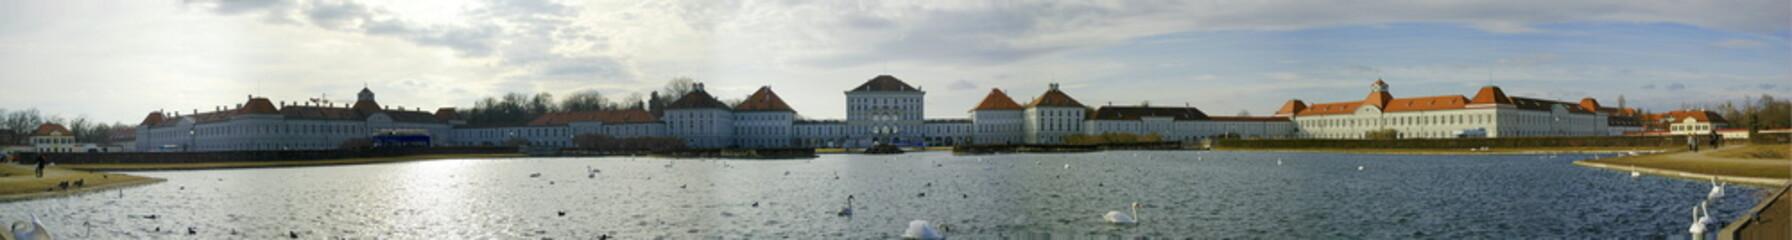 nymphenburg panorama